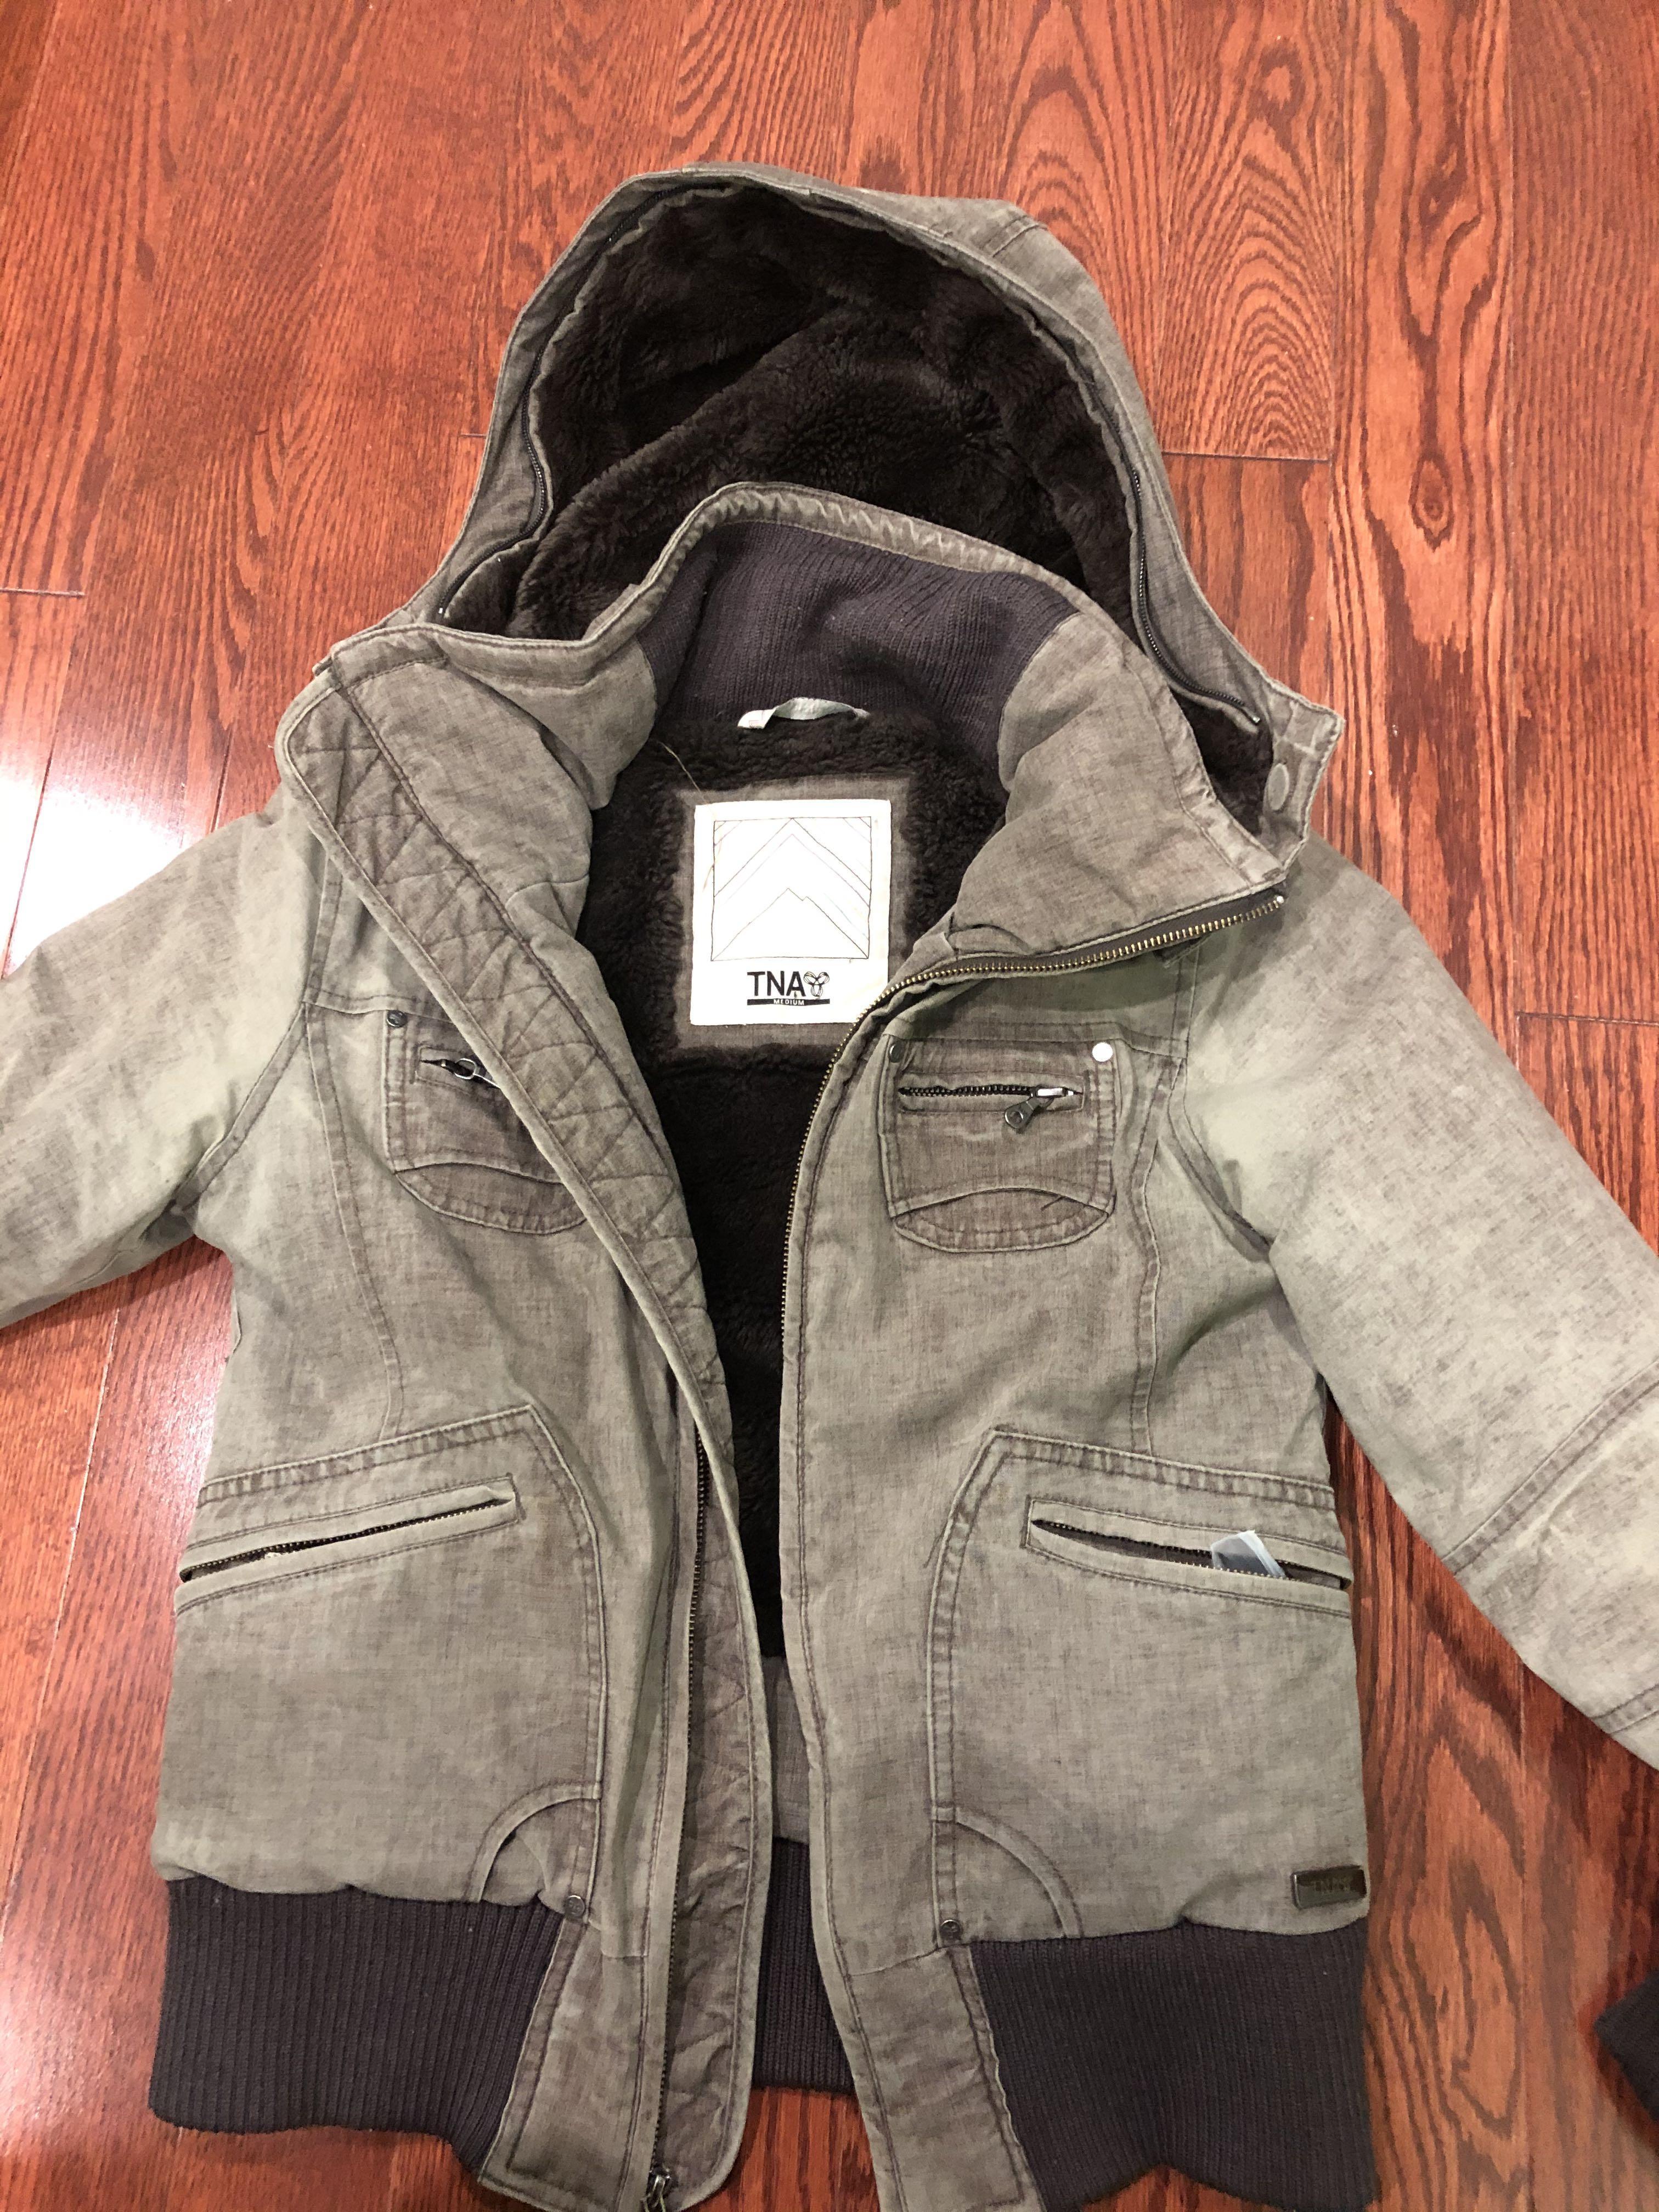 Tna brown jacket